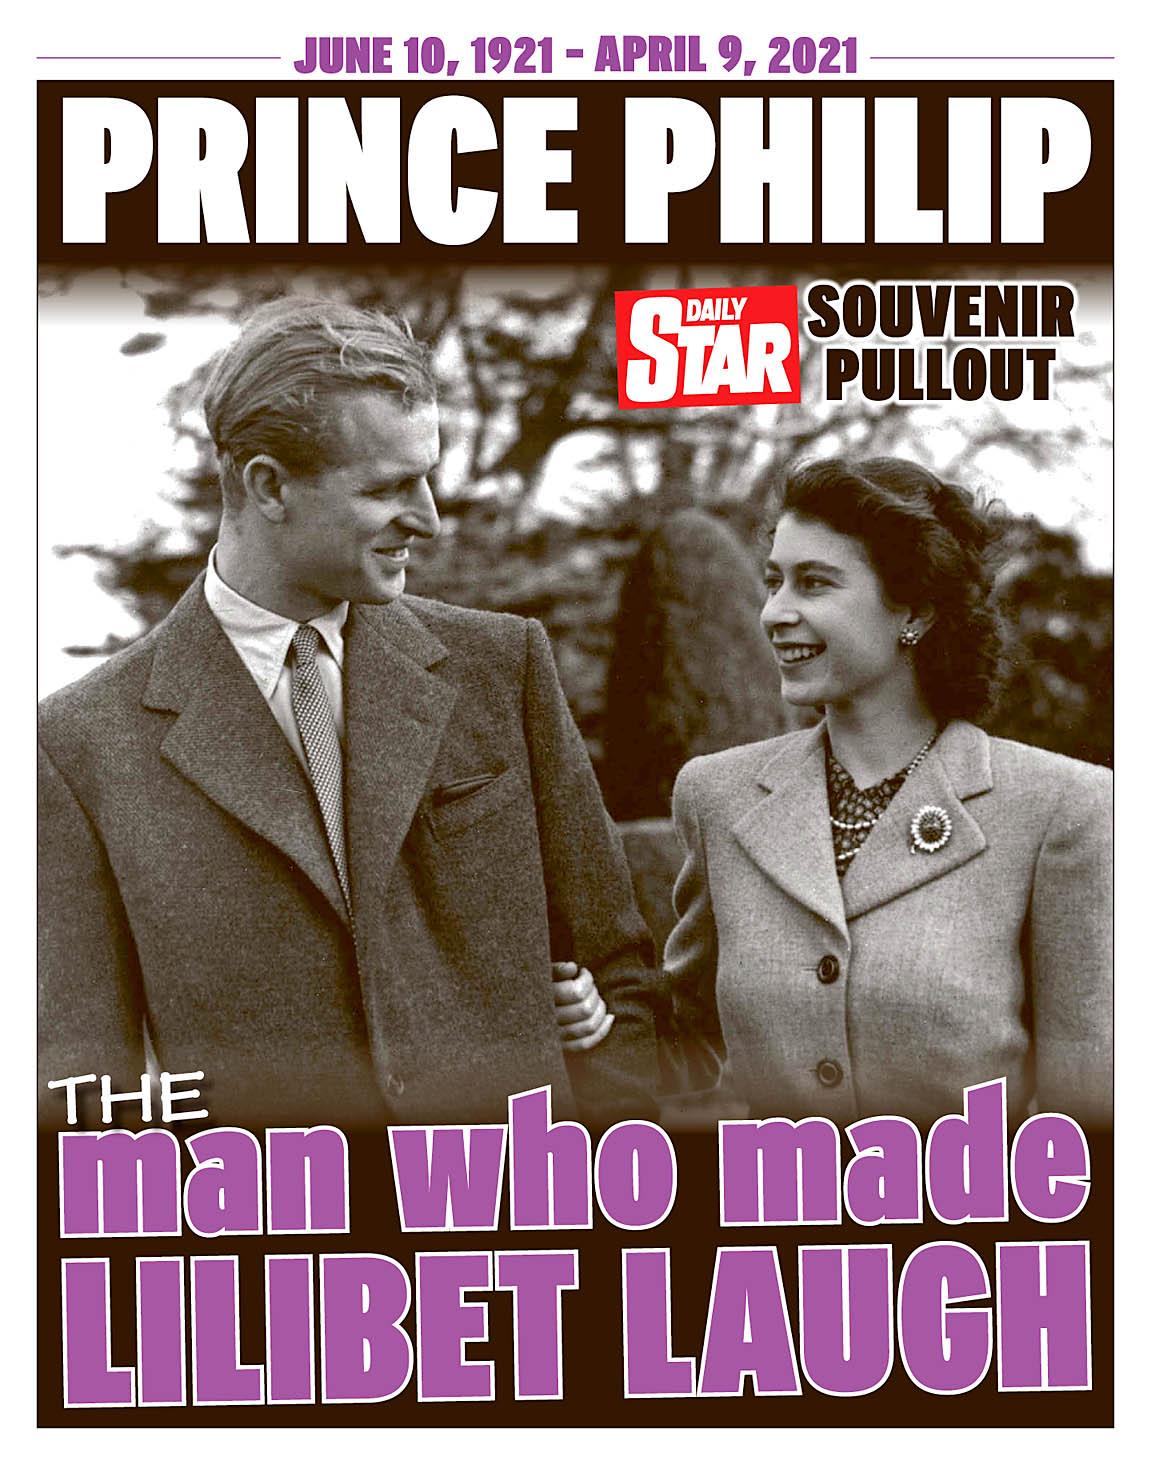 Daily Star 2021-04-10 Royal-2.jpg